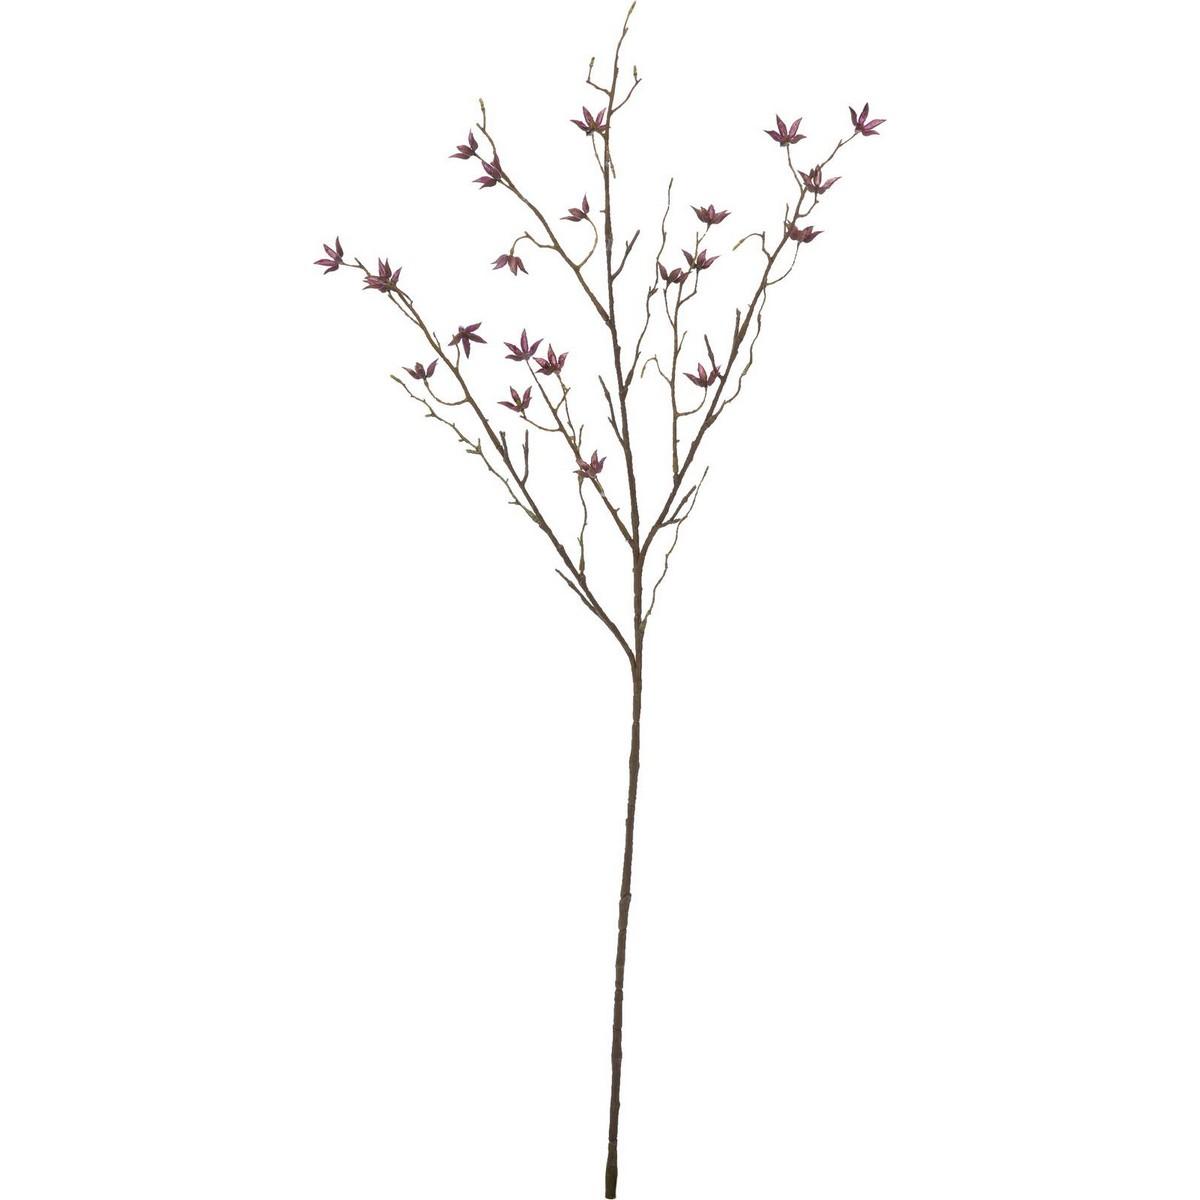 【造花】YDM/スターアニスブランチ/FG-4928BUR【01】【取寄】《 造花(アーティフィシャルフラワー) 造花枝物 その他の造花枝物 》